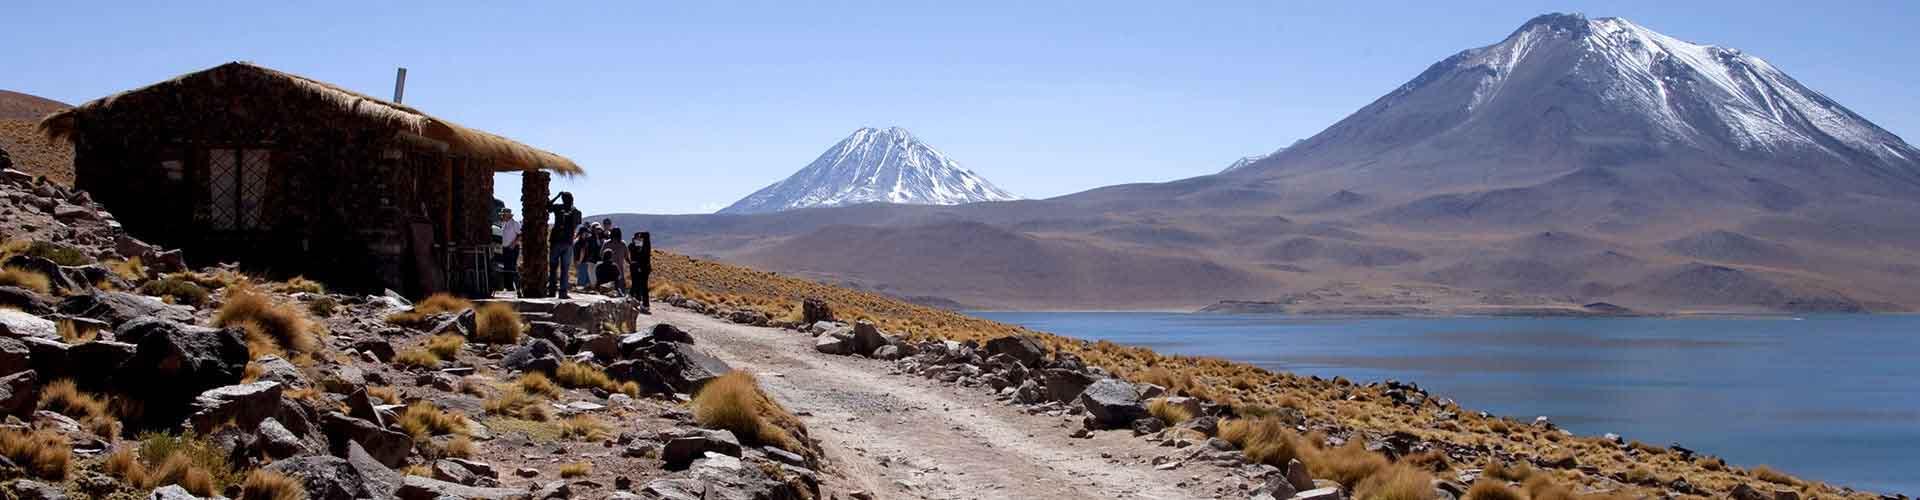 San Pedro de Atacama - Campamentos en San Pedro de Atacama. Mapas de San Pedro de Atacama, Fotos y comentarios de cada Campamento en San Pedro de Atacama.